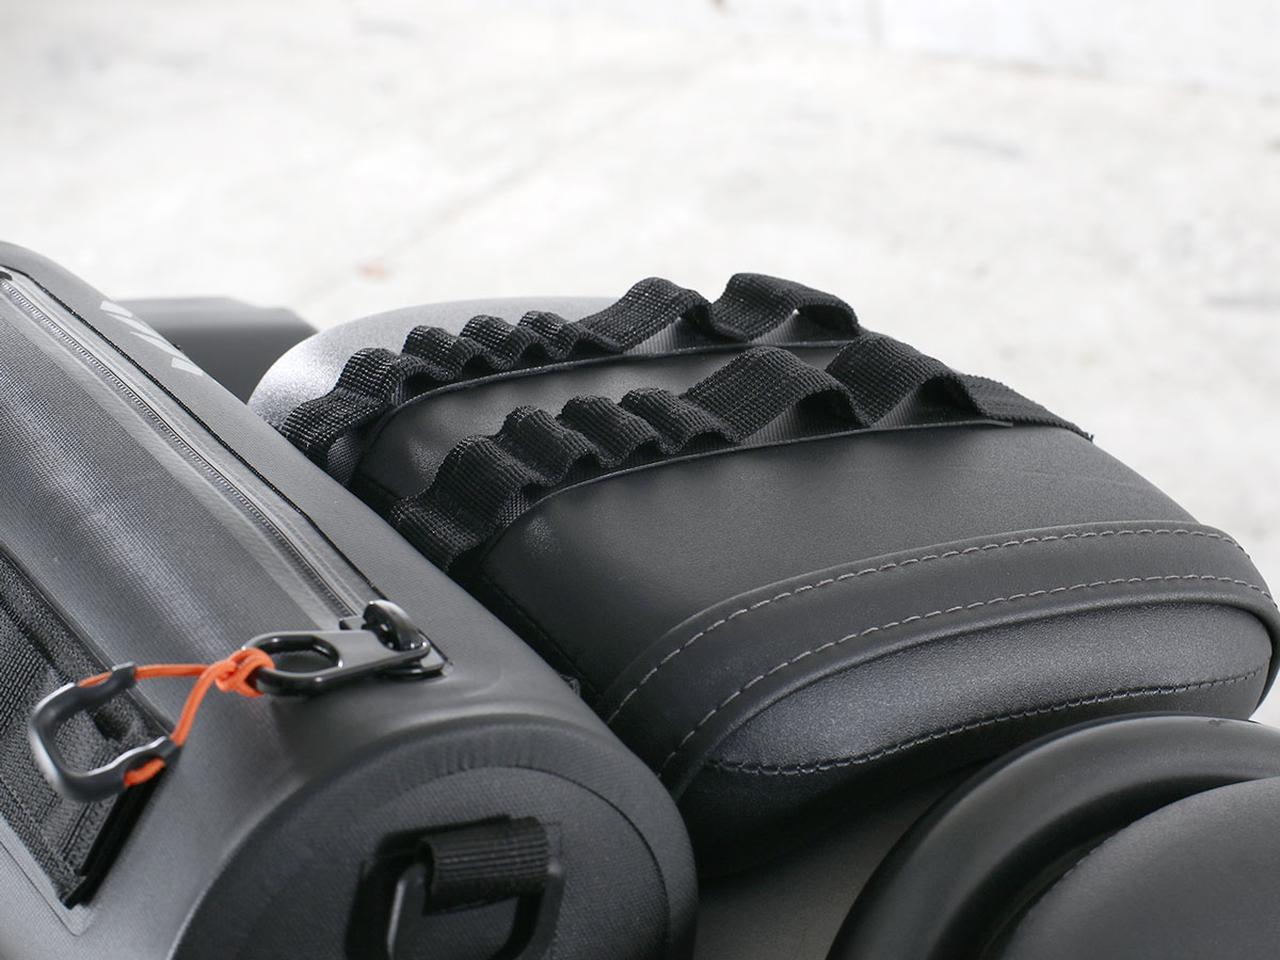 画像: デイジーチェーンアタッチベルトは本体を固するだけでなく、ほかの荷物を積載する際のフックポイントとしても活用が可能。